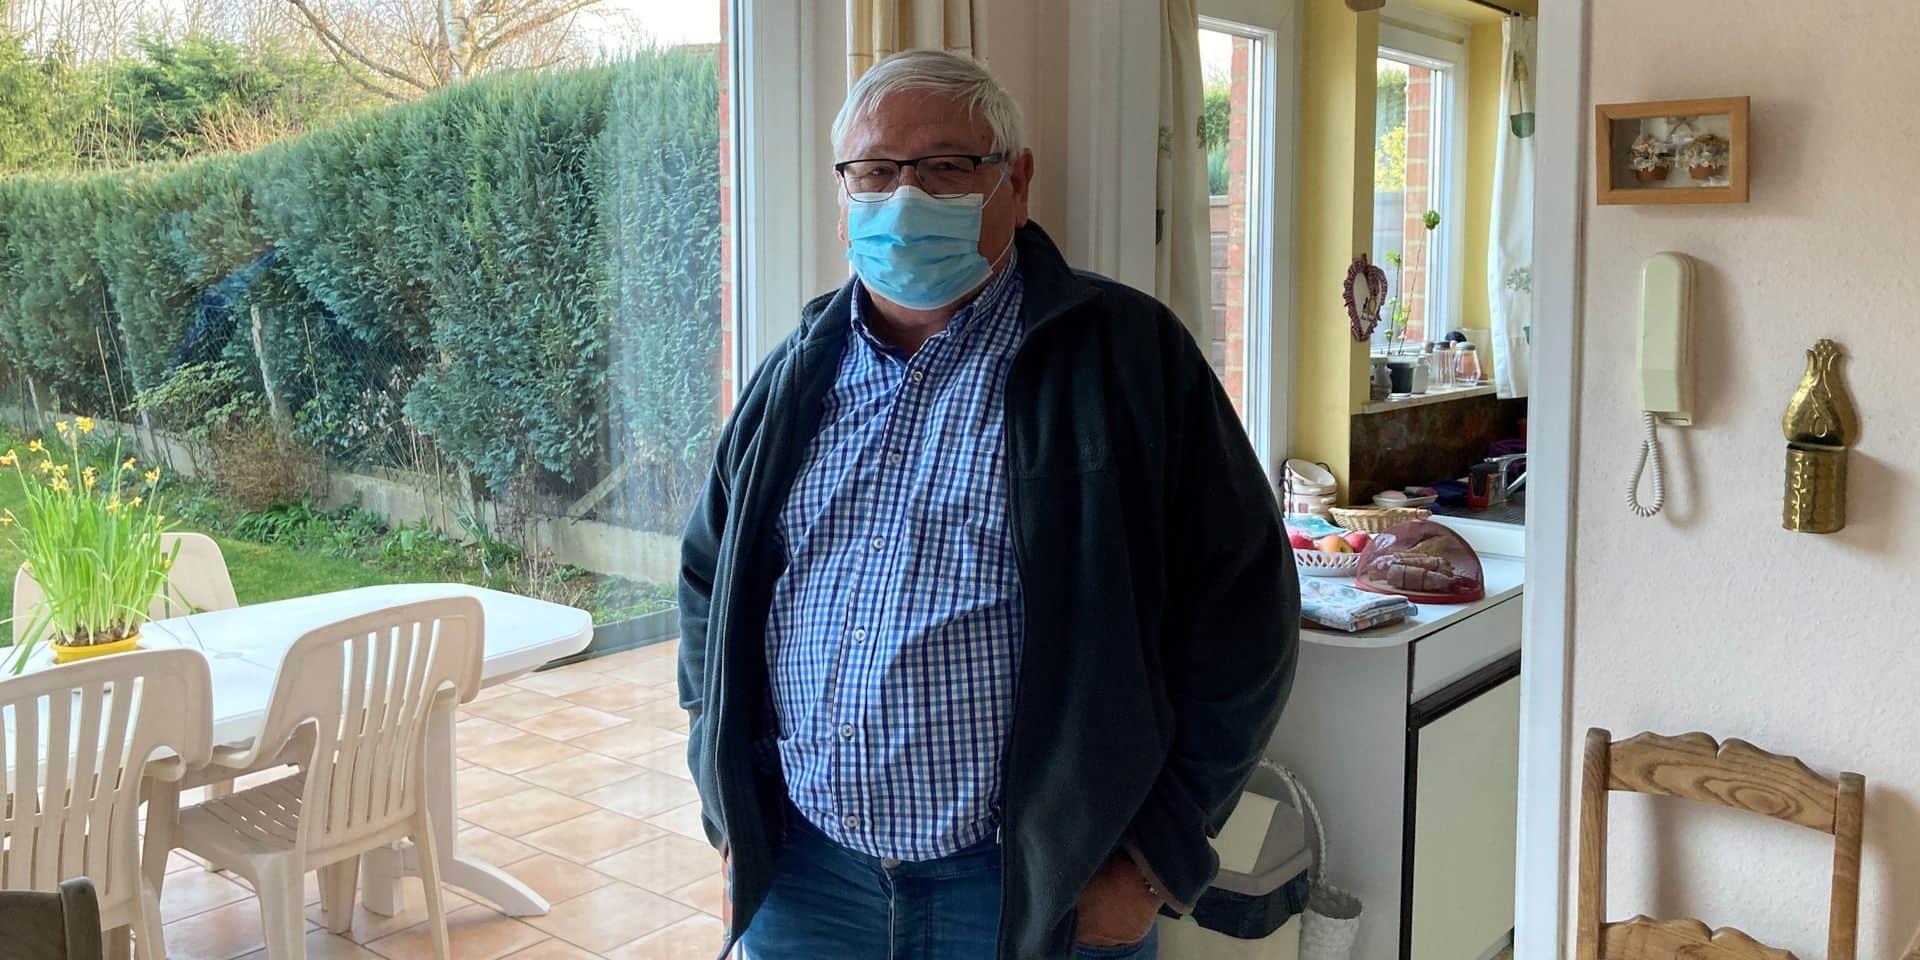 Michel ne peut pas se faire vacciner au centre de Braine-l'Alleud: il y a trop peu de doses